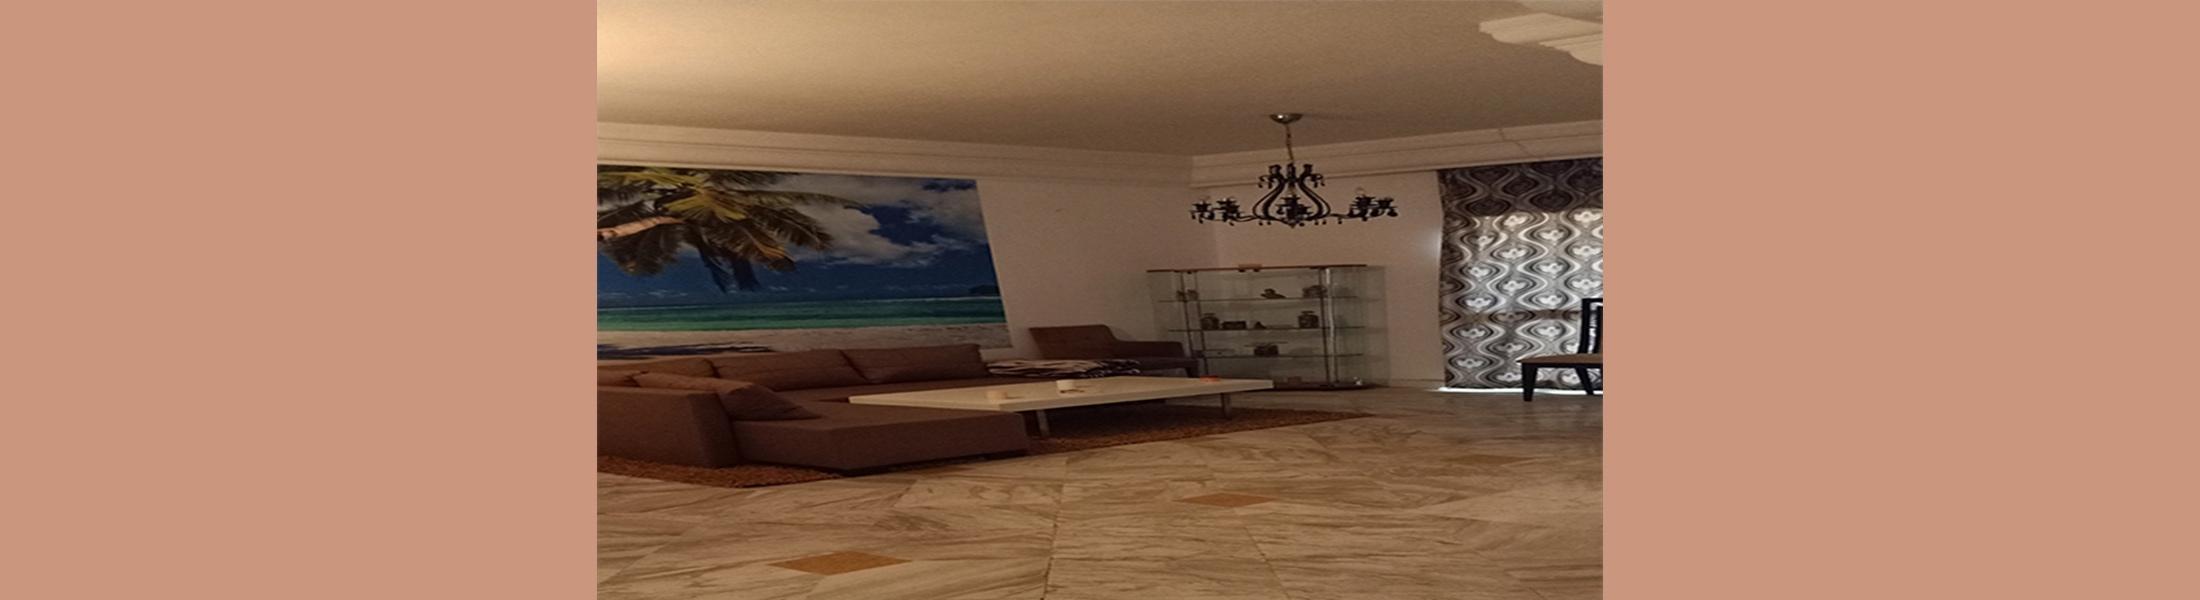 الشقة سليم سنتر 1 - سوسة (طلب العروض عدد 08 لسنة 2021)